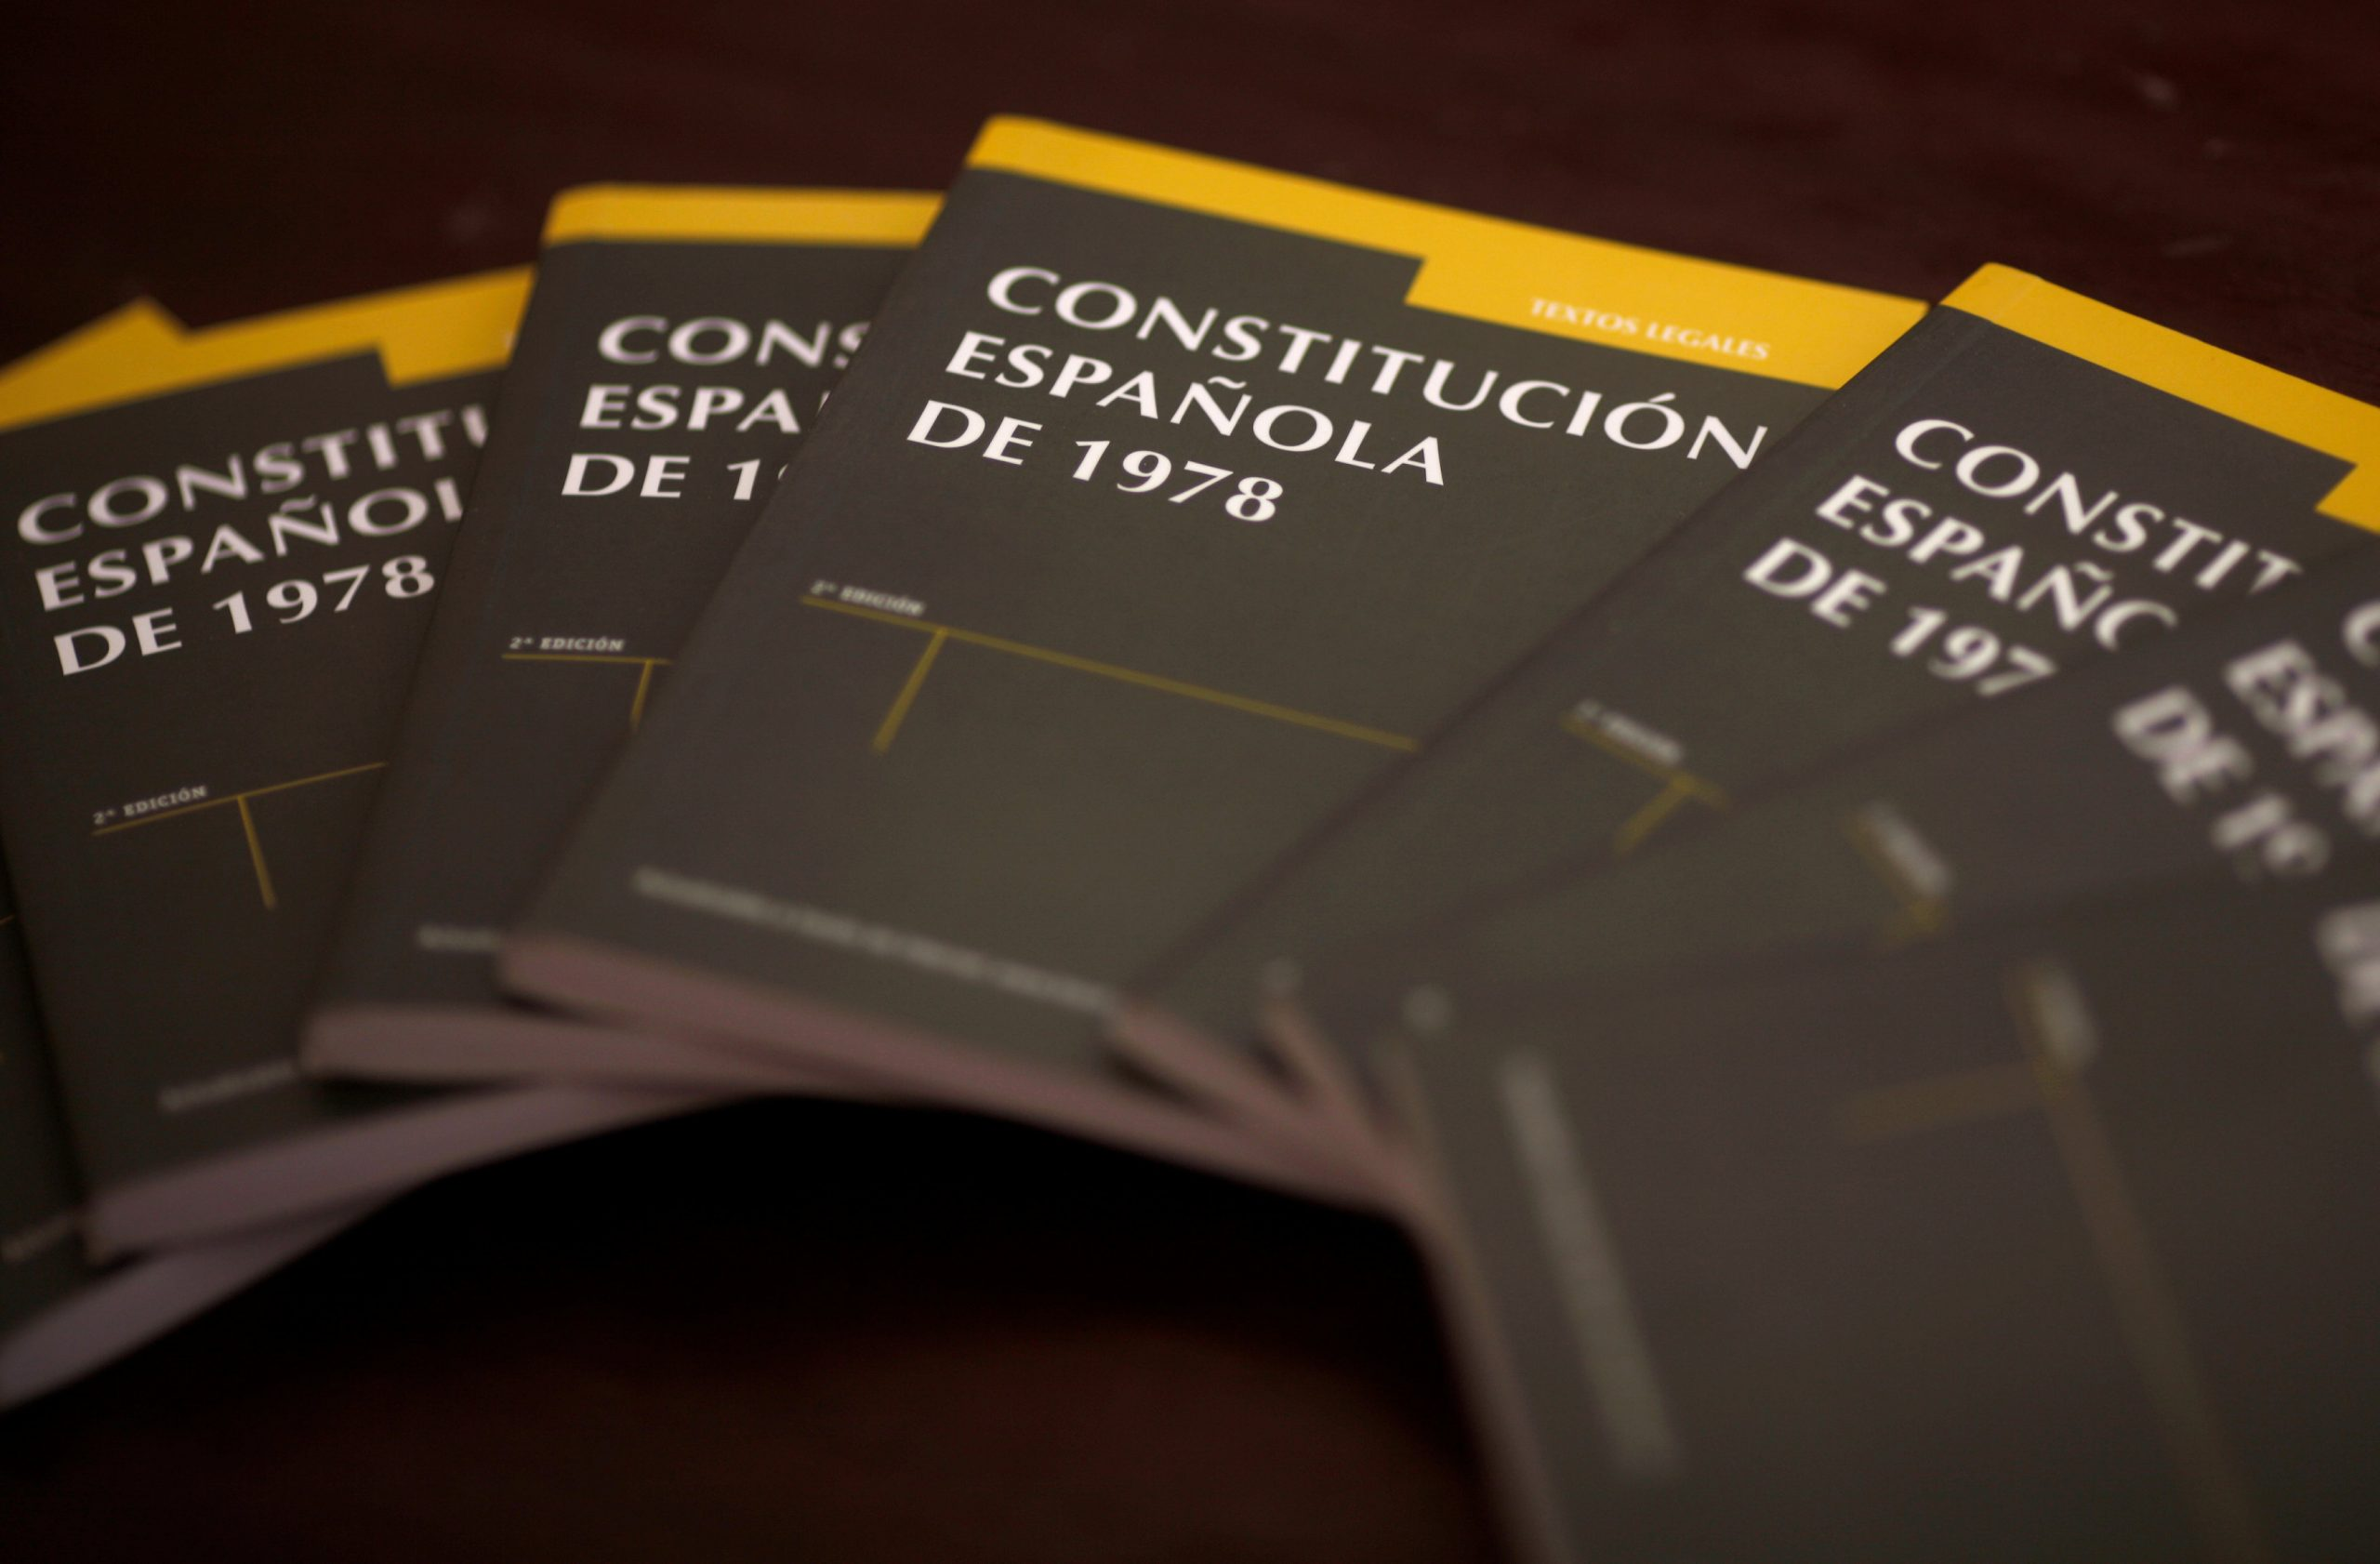 Ejemplares de la Constitución española de 1978. REUTERS